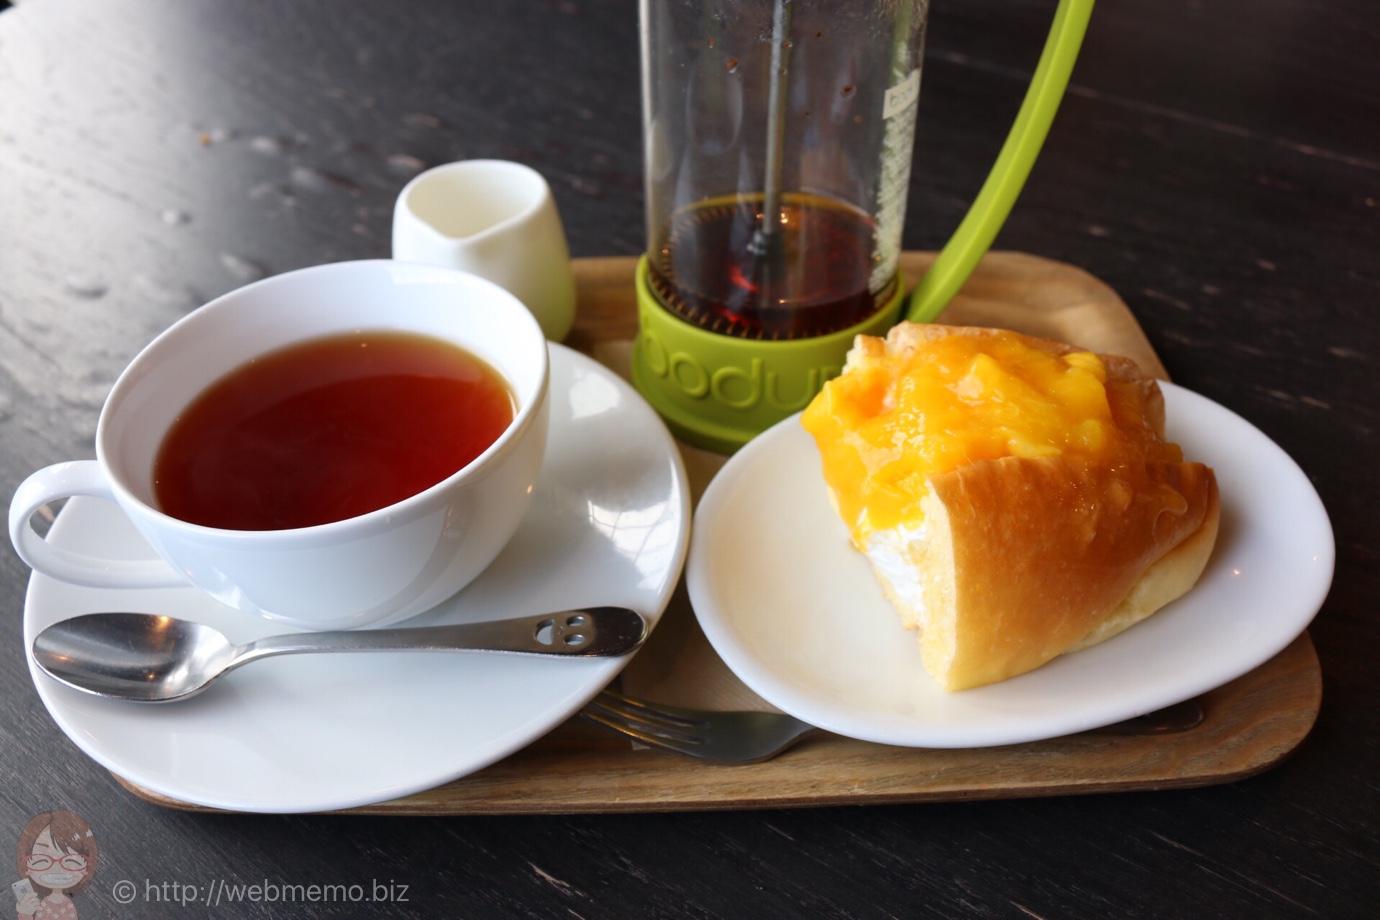 三重県津 超人気カフェ「高虎ドッグ」を訪問!ヨットハーバー目の前、ドッグの生地がメチャウマ